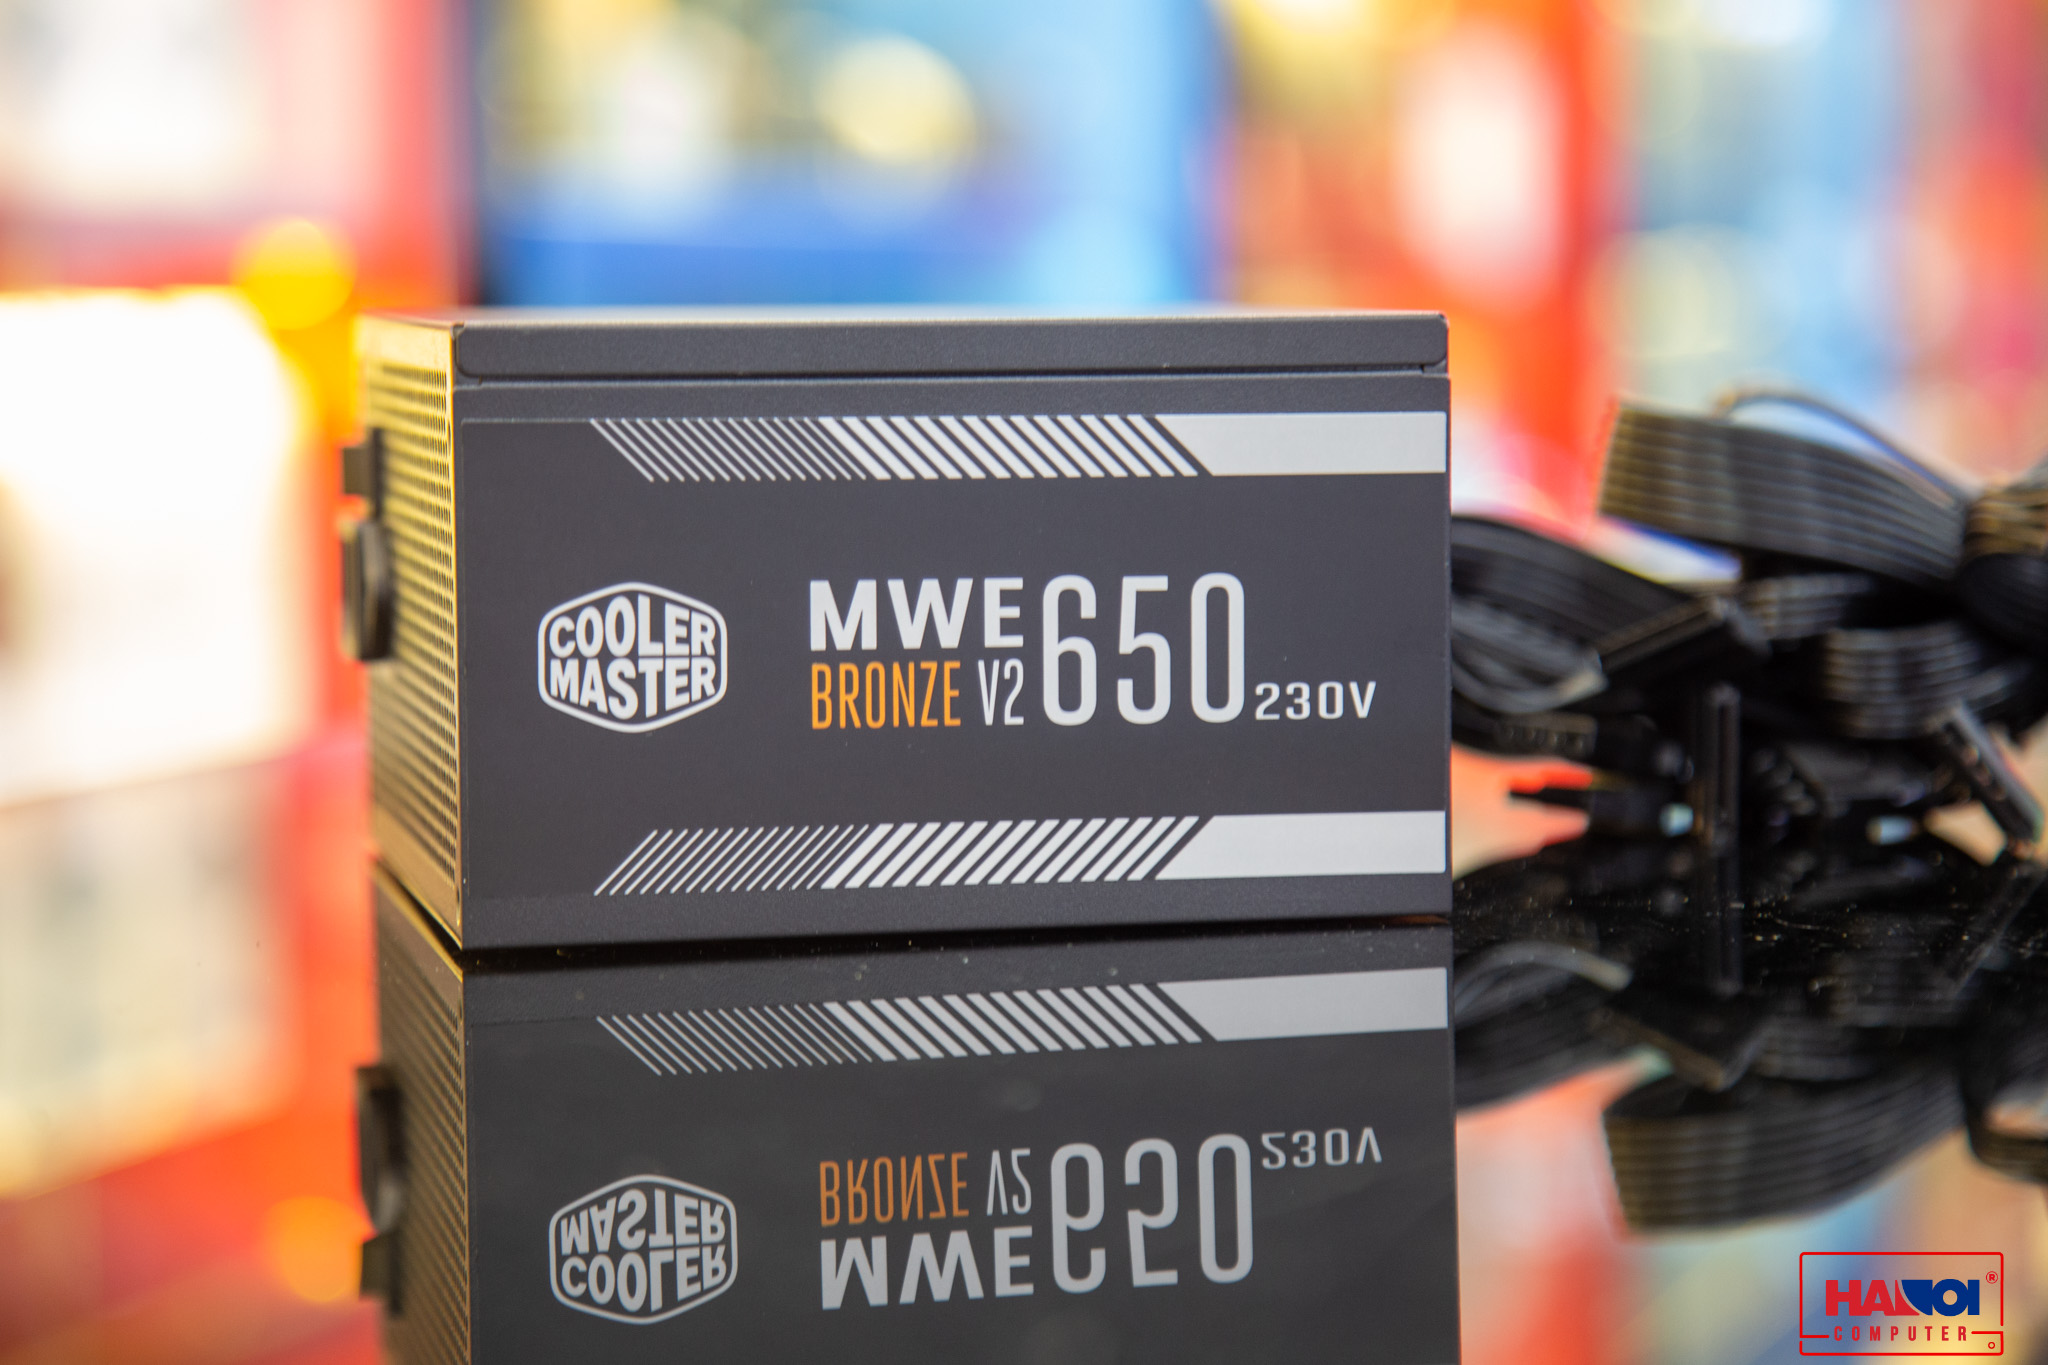 Nguồn máy tính Cooler Master MWE V2 230V 650 650W Plus Bronze (80 Plus Bronze/Màu Đen) giới thiệu 4